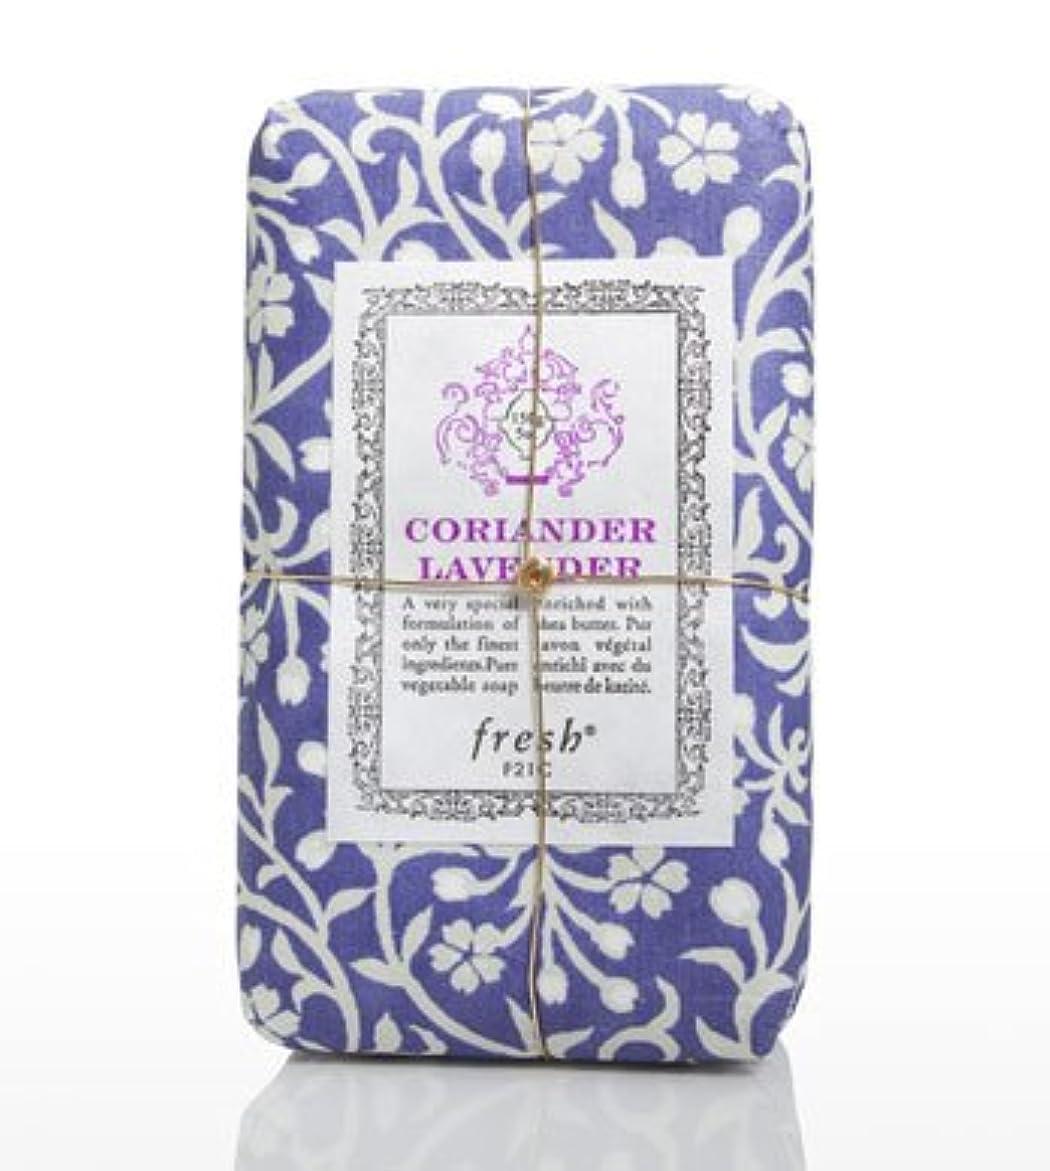 議会大使立方体Fresh CORIANDER LAVENDAR SOAP(フレッシュ コリアンダーラベンダー ソープ) 5.0 oz (150gl) 石鹸 by Fresh